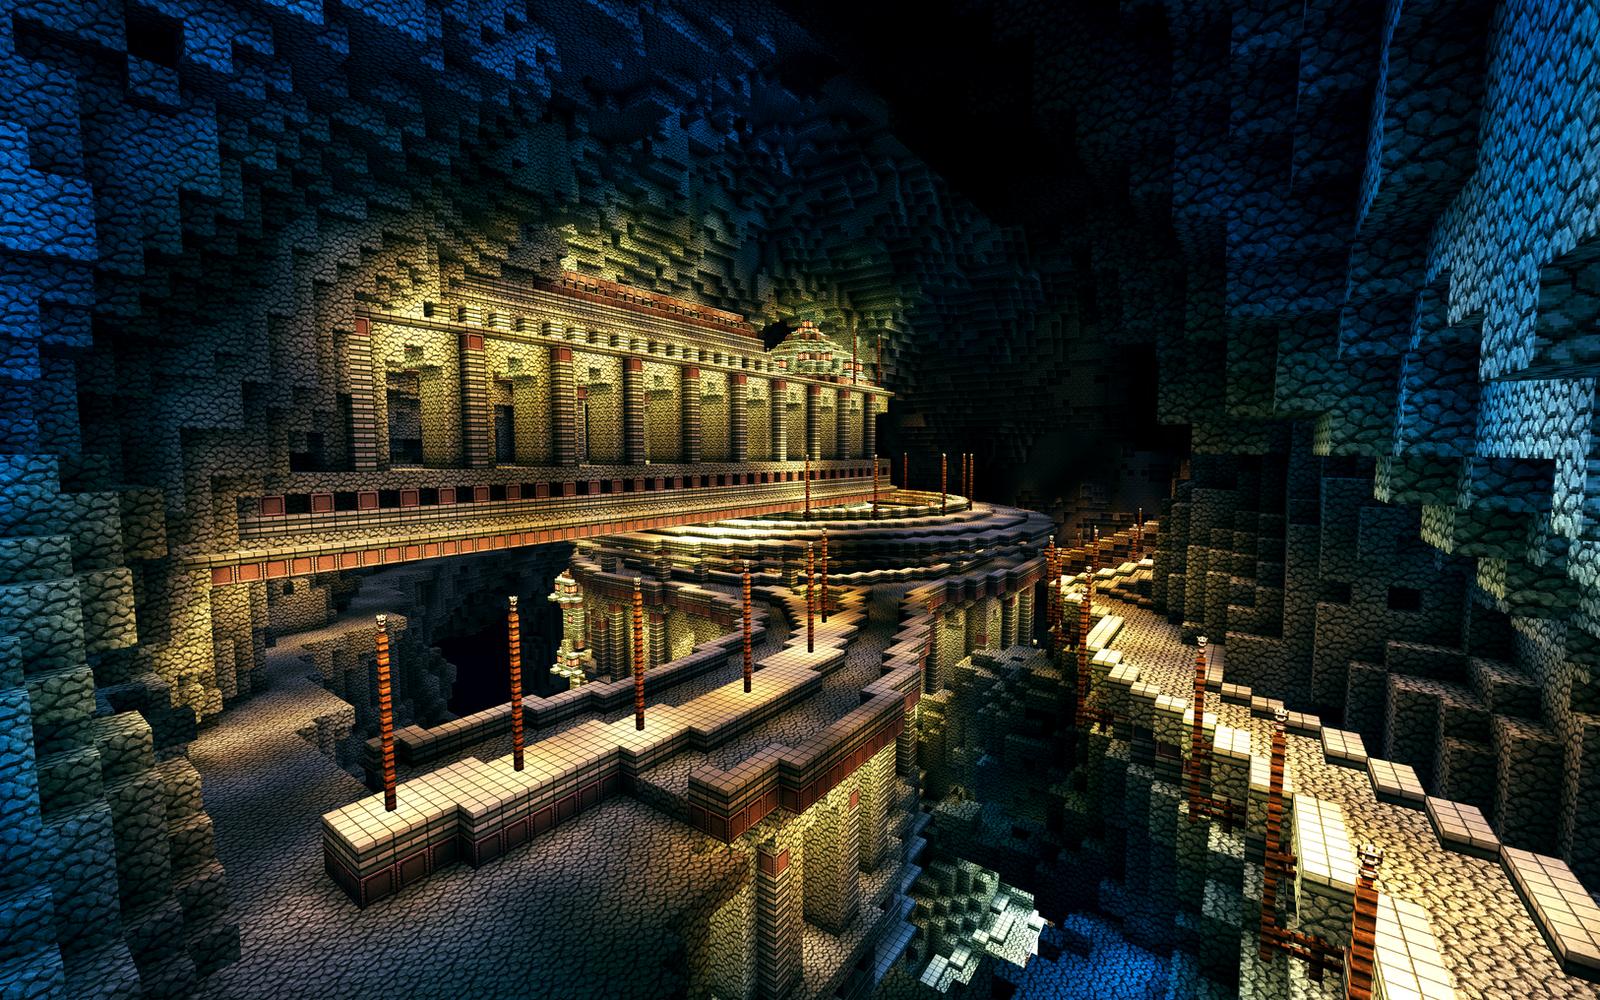 Cavern city 2 by haikuo